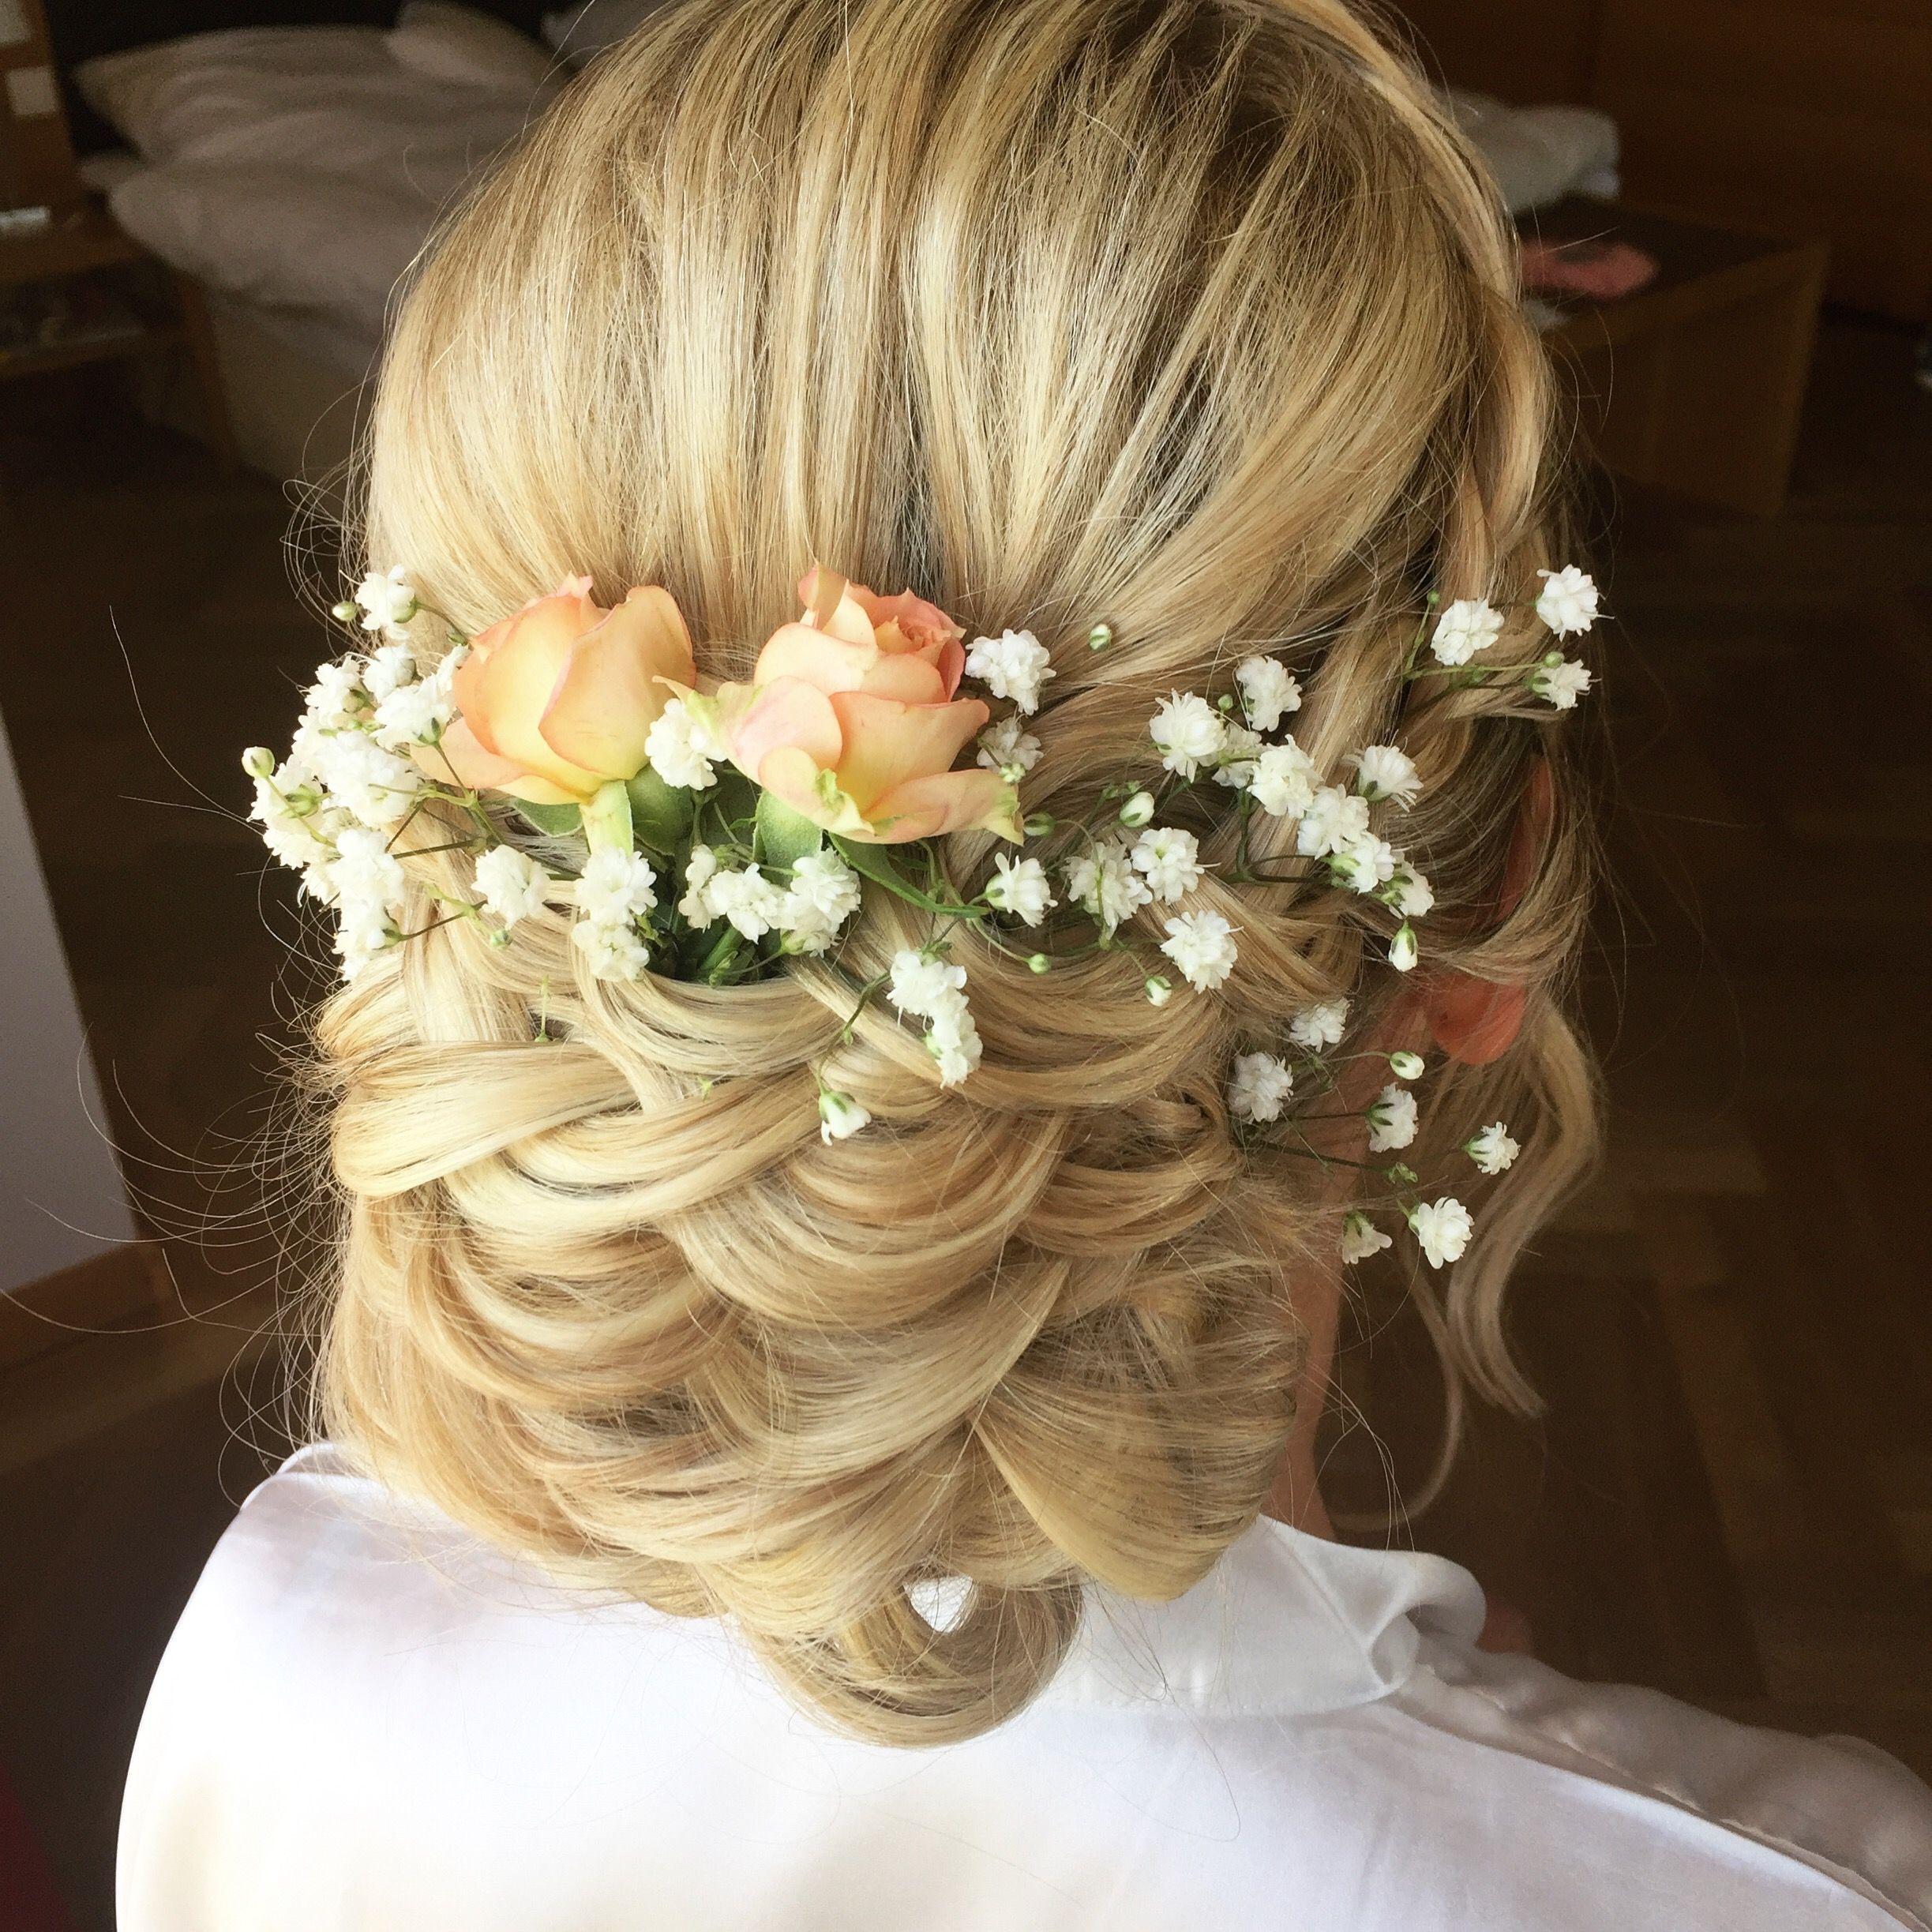 Romantische Brautfrisur  Frisur hochzeit, Brautfrisur, Frisuren